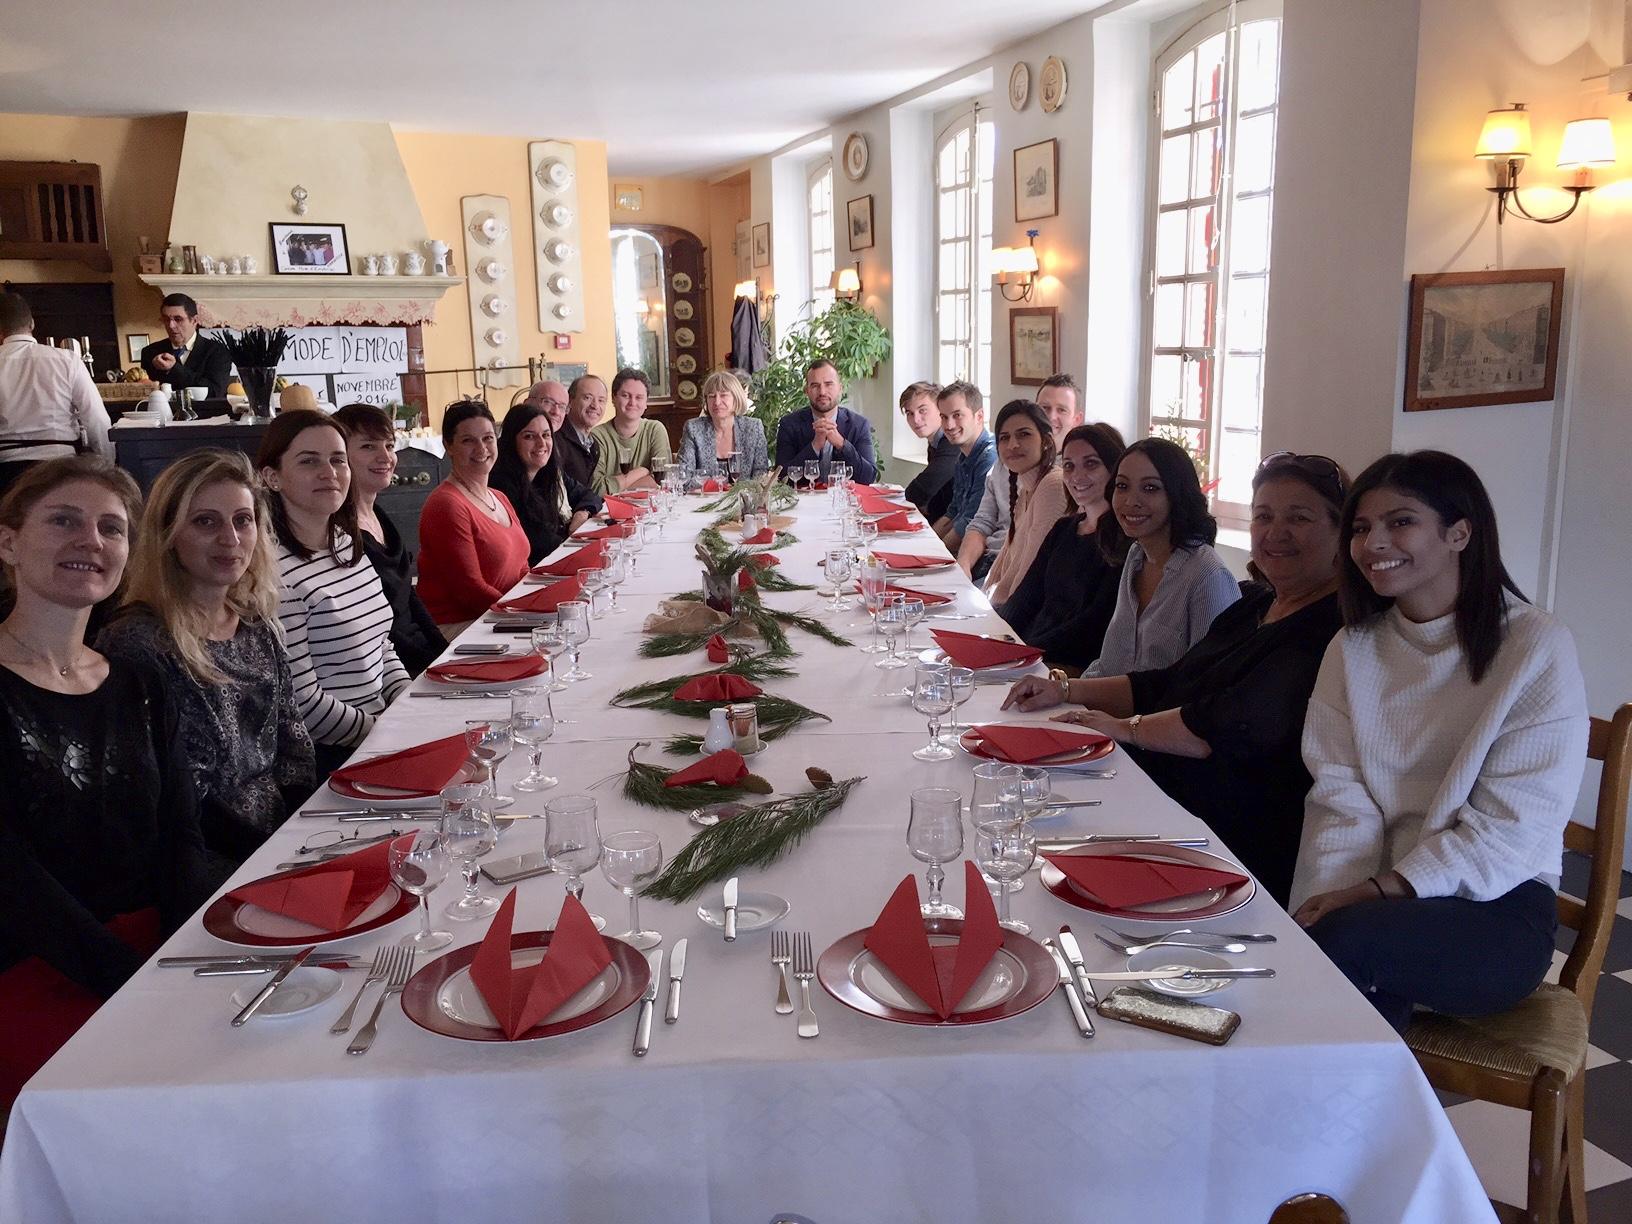 Une partie de l'équipe de TourMaG.com lors du repas de Noël au restaurant du Musée de Château Gombert à Marseille